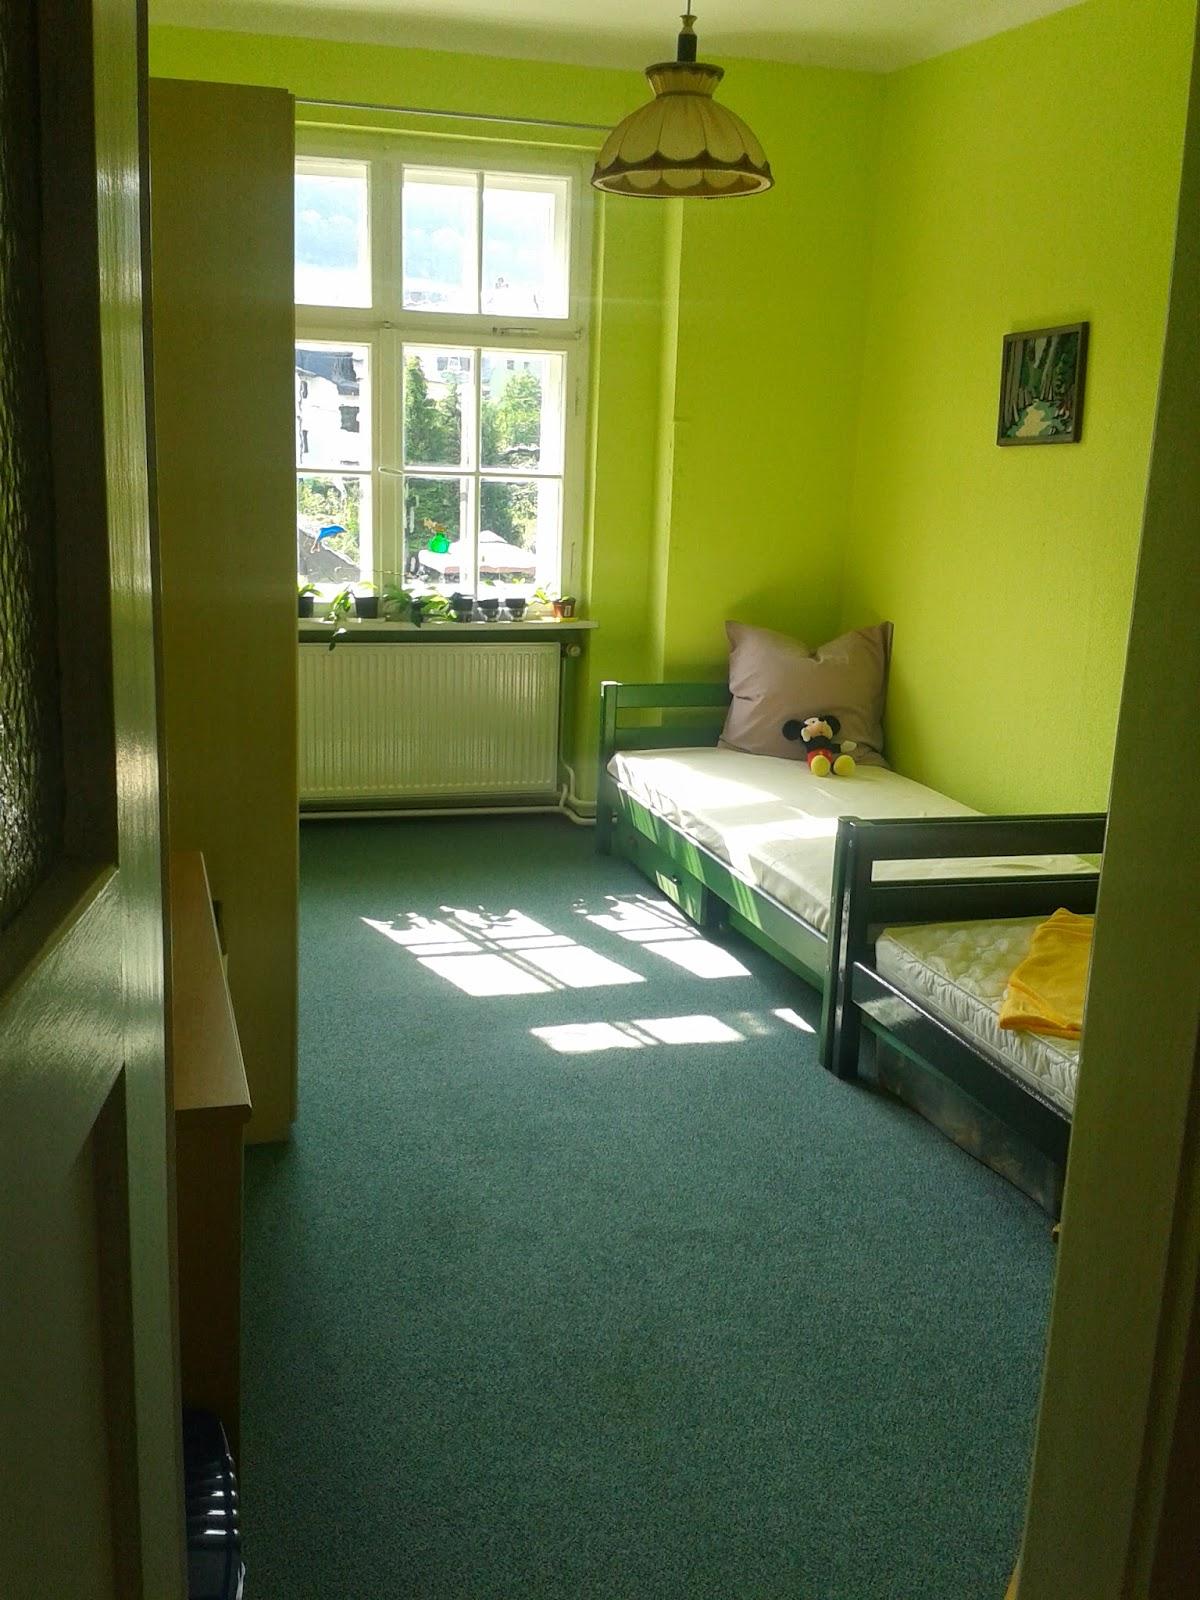 selbstversorgung f r genie er er ffnung der wg f r junge autistische erwachsene. Black Bedroom Furniture Sets. Home Design Ideas